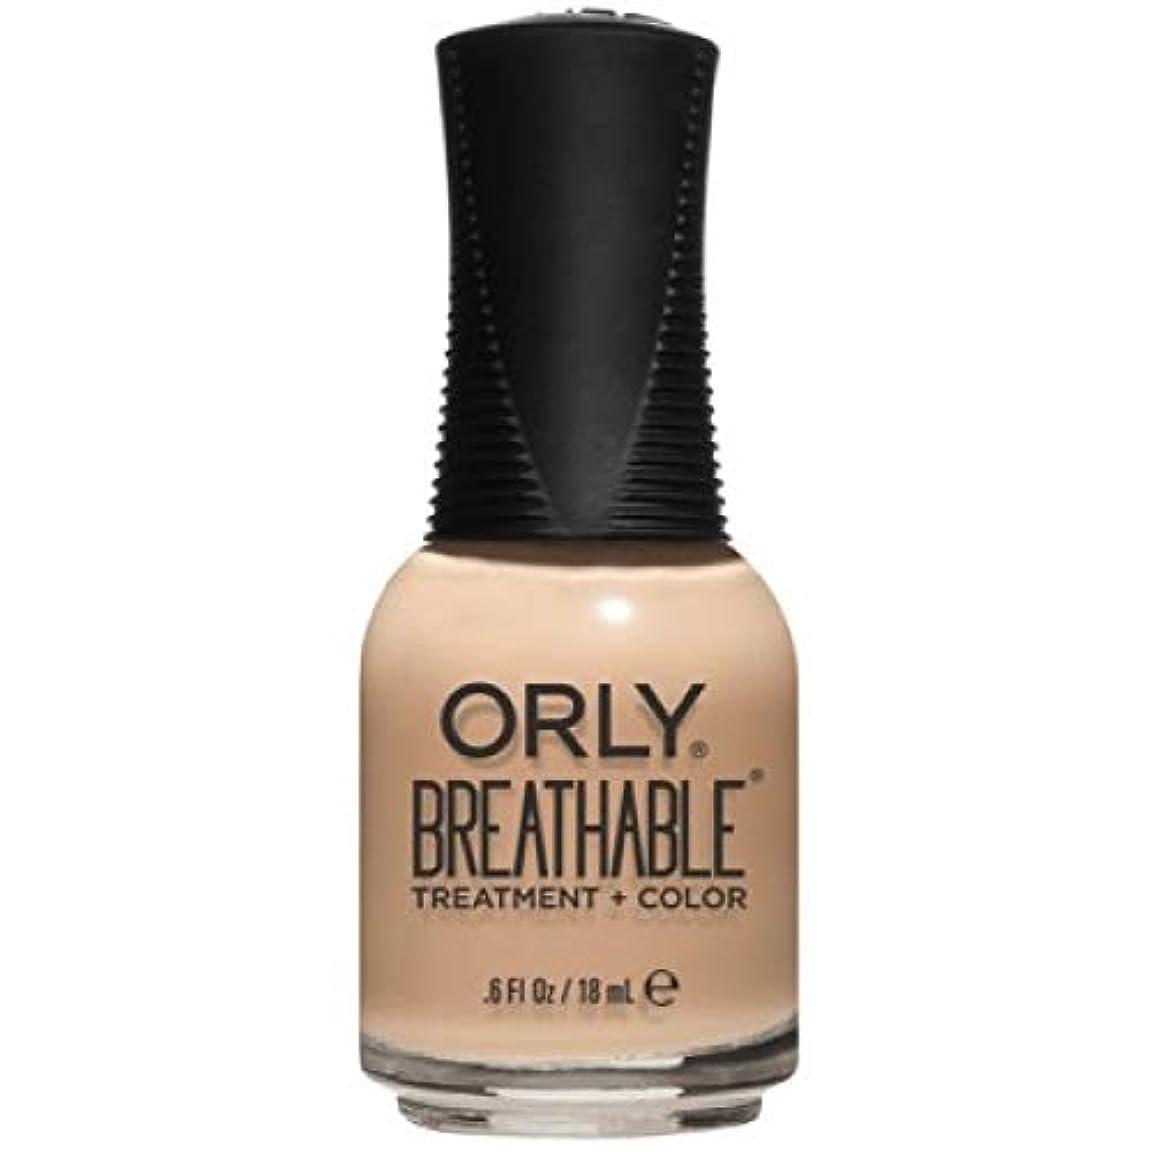 交響曲スーダン四回Orly Breathable Nail Lacquer - Treatment + Color - Mind, Body, Spirit - 0.6 oz / 18 mL